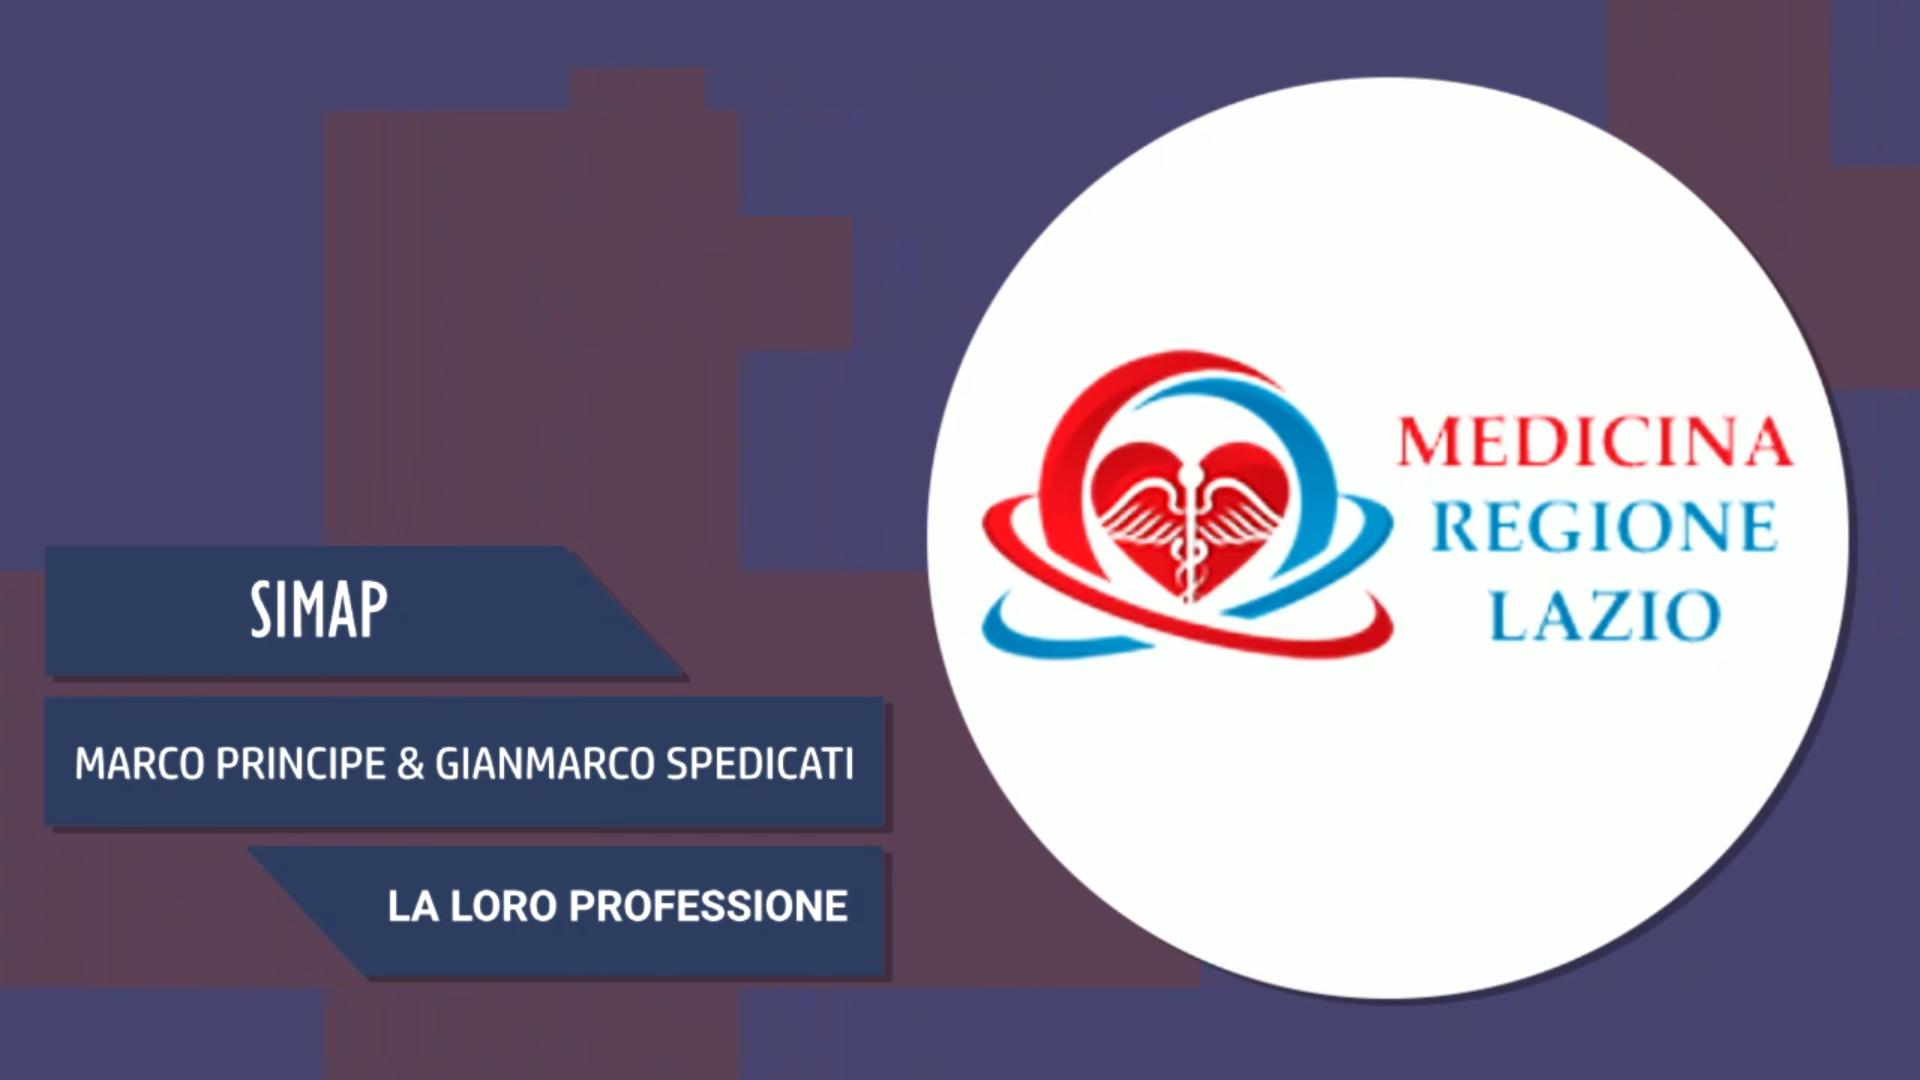 Intervista a Mario Principe & Gianmarco Spedicati – La loro professione